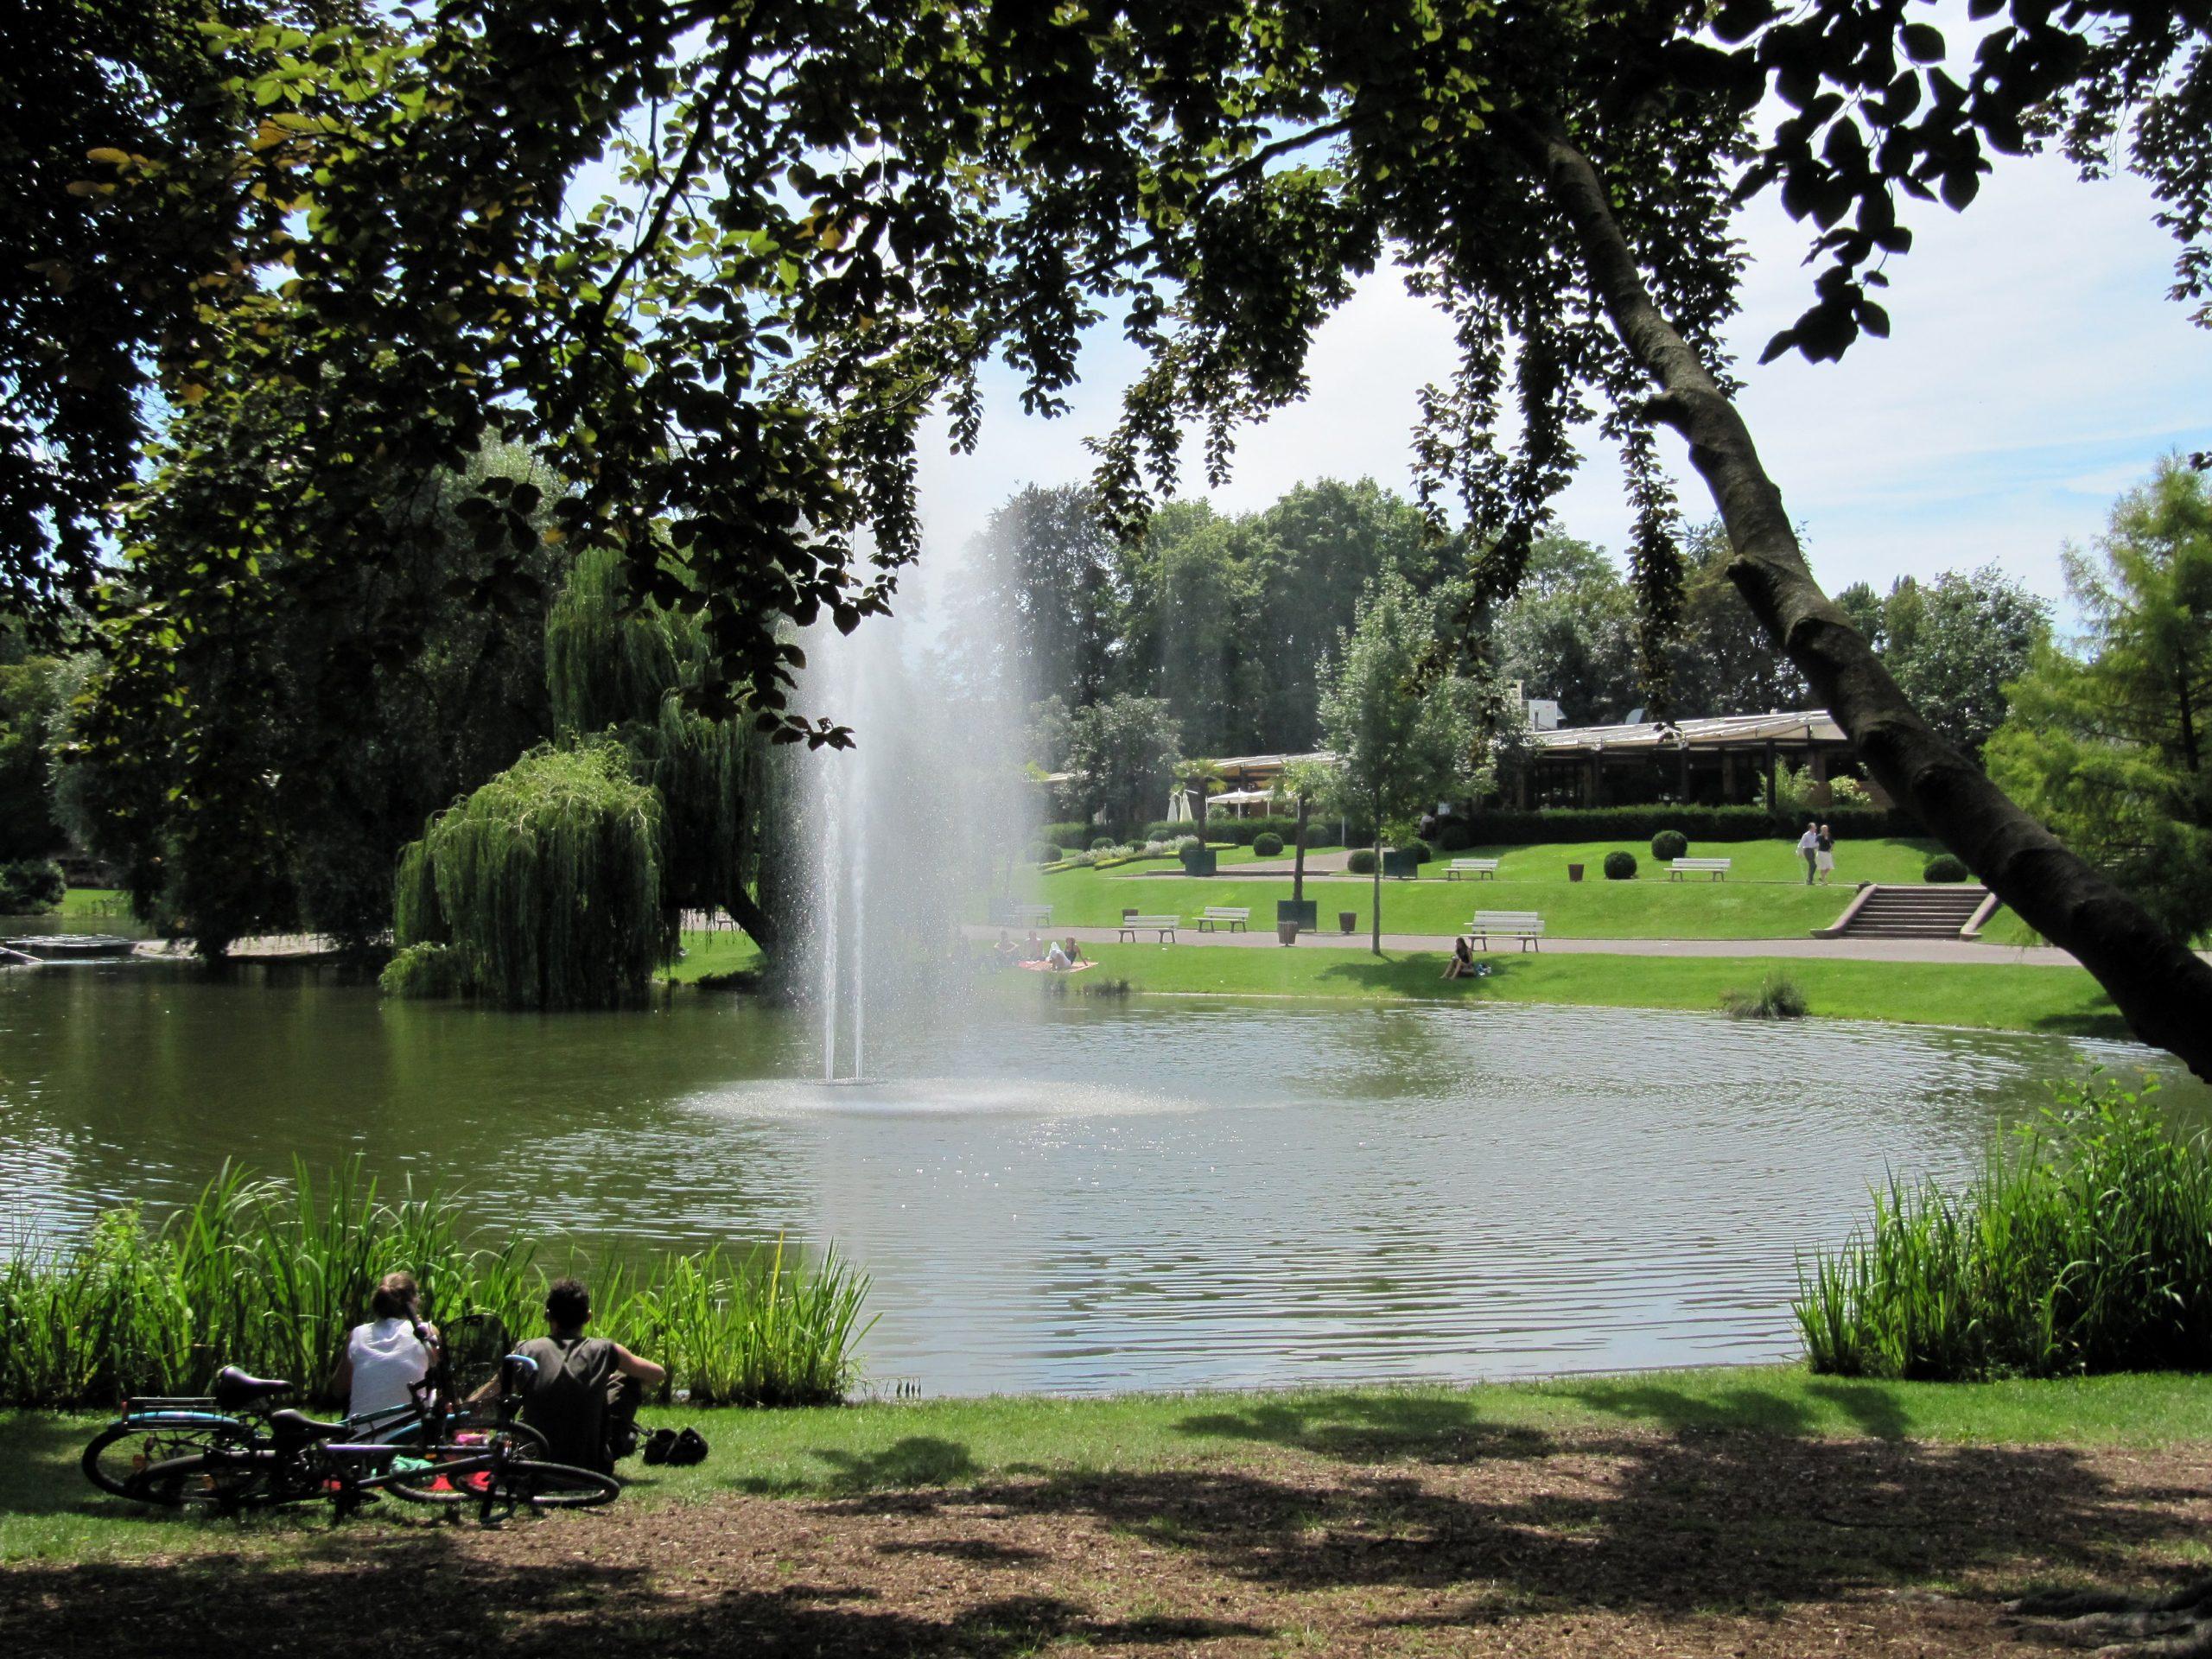 strasbourg parc de l'orangerie